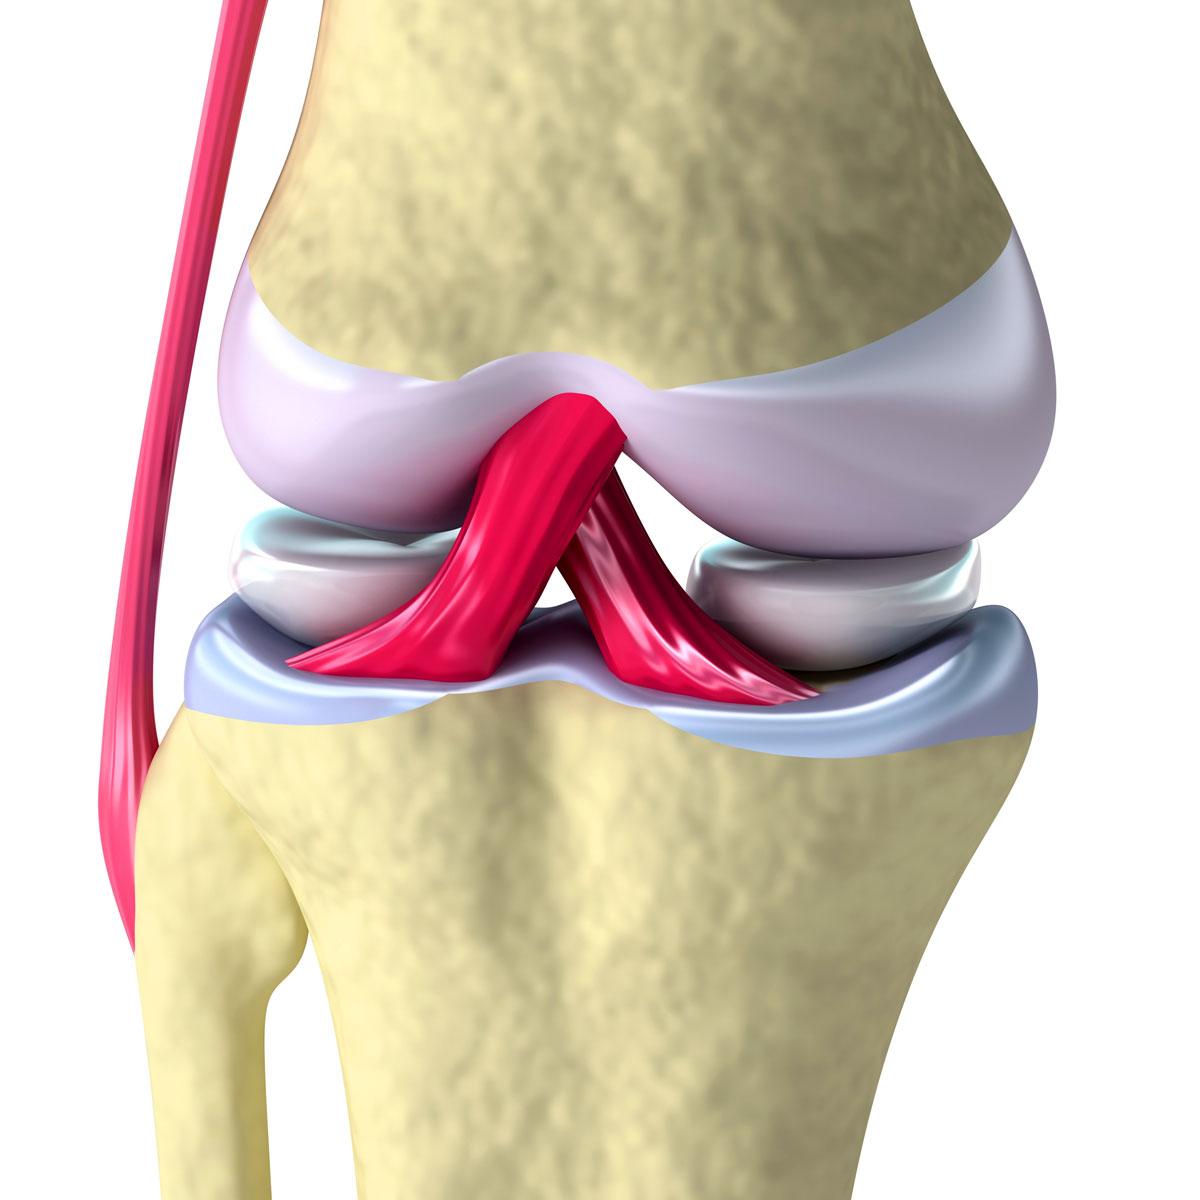 Чем лечить деформирующий артроз коленного сустава народными средствами повреждение сухожилия тазобедреного сустава